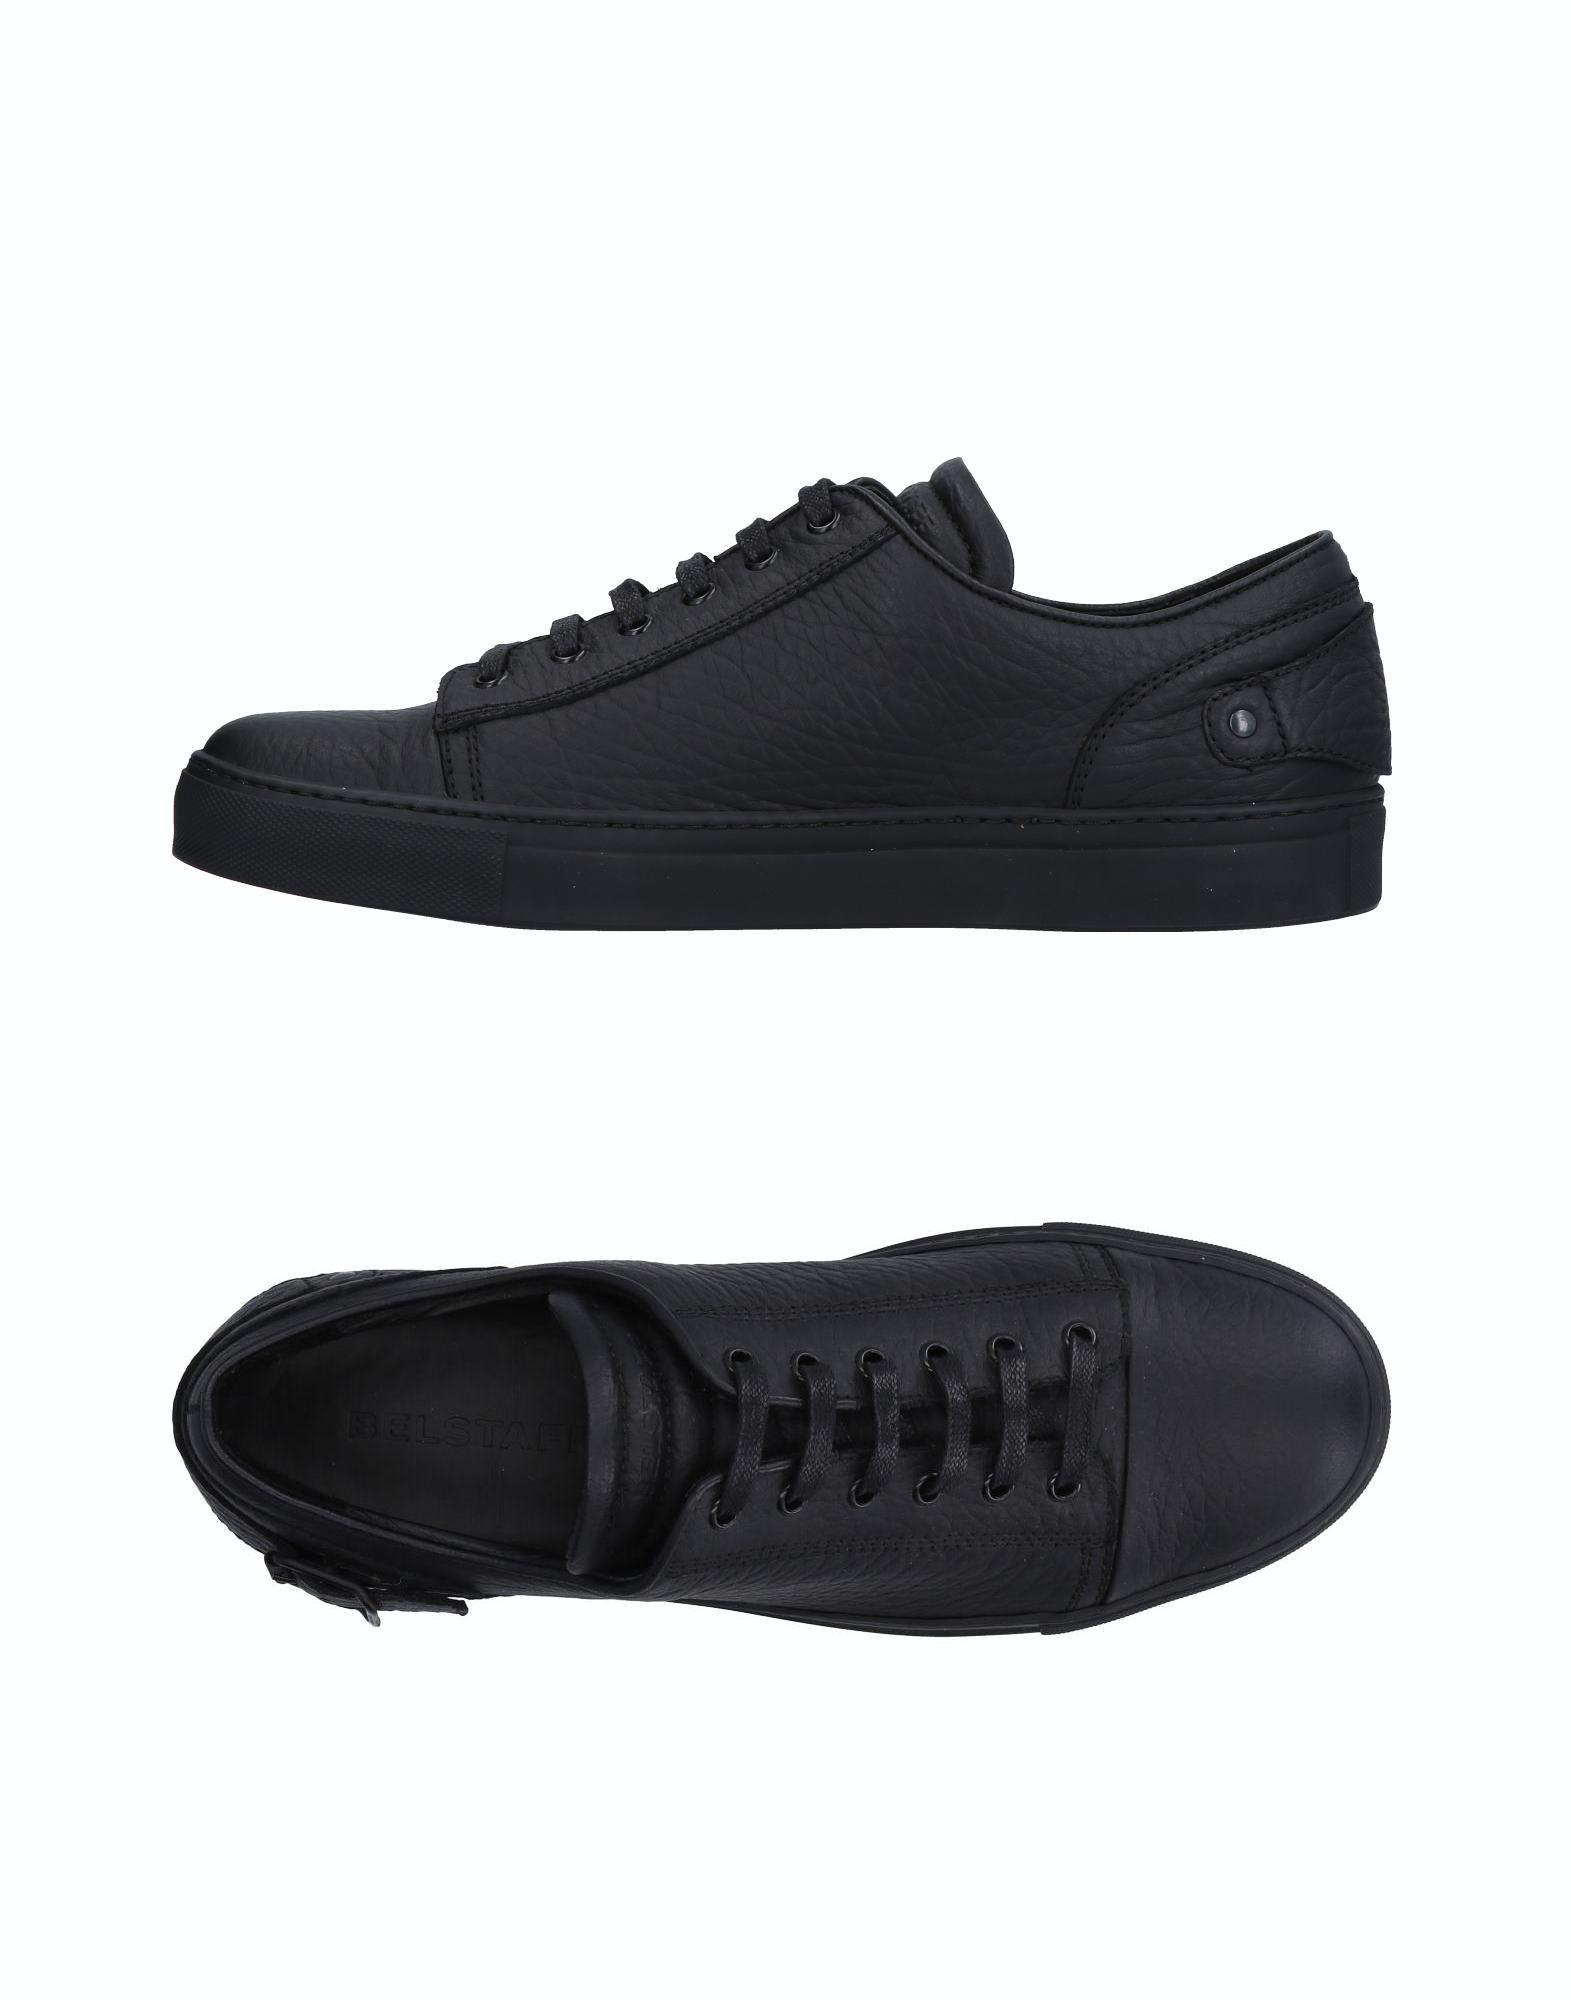 Scarpe economiche e resistenti Sneakers Belstaff Uomo - 11503077CC